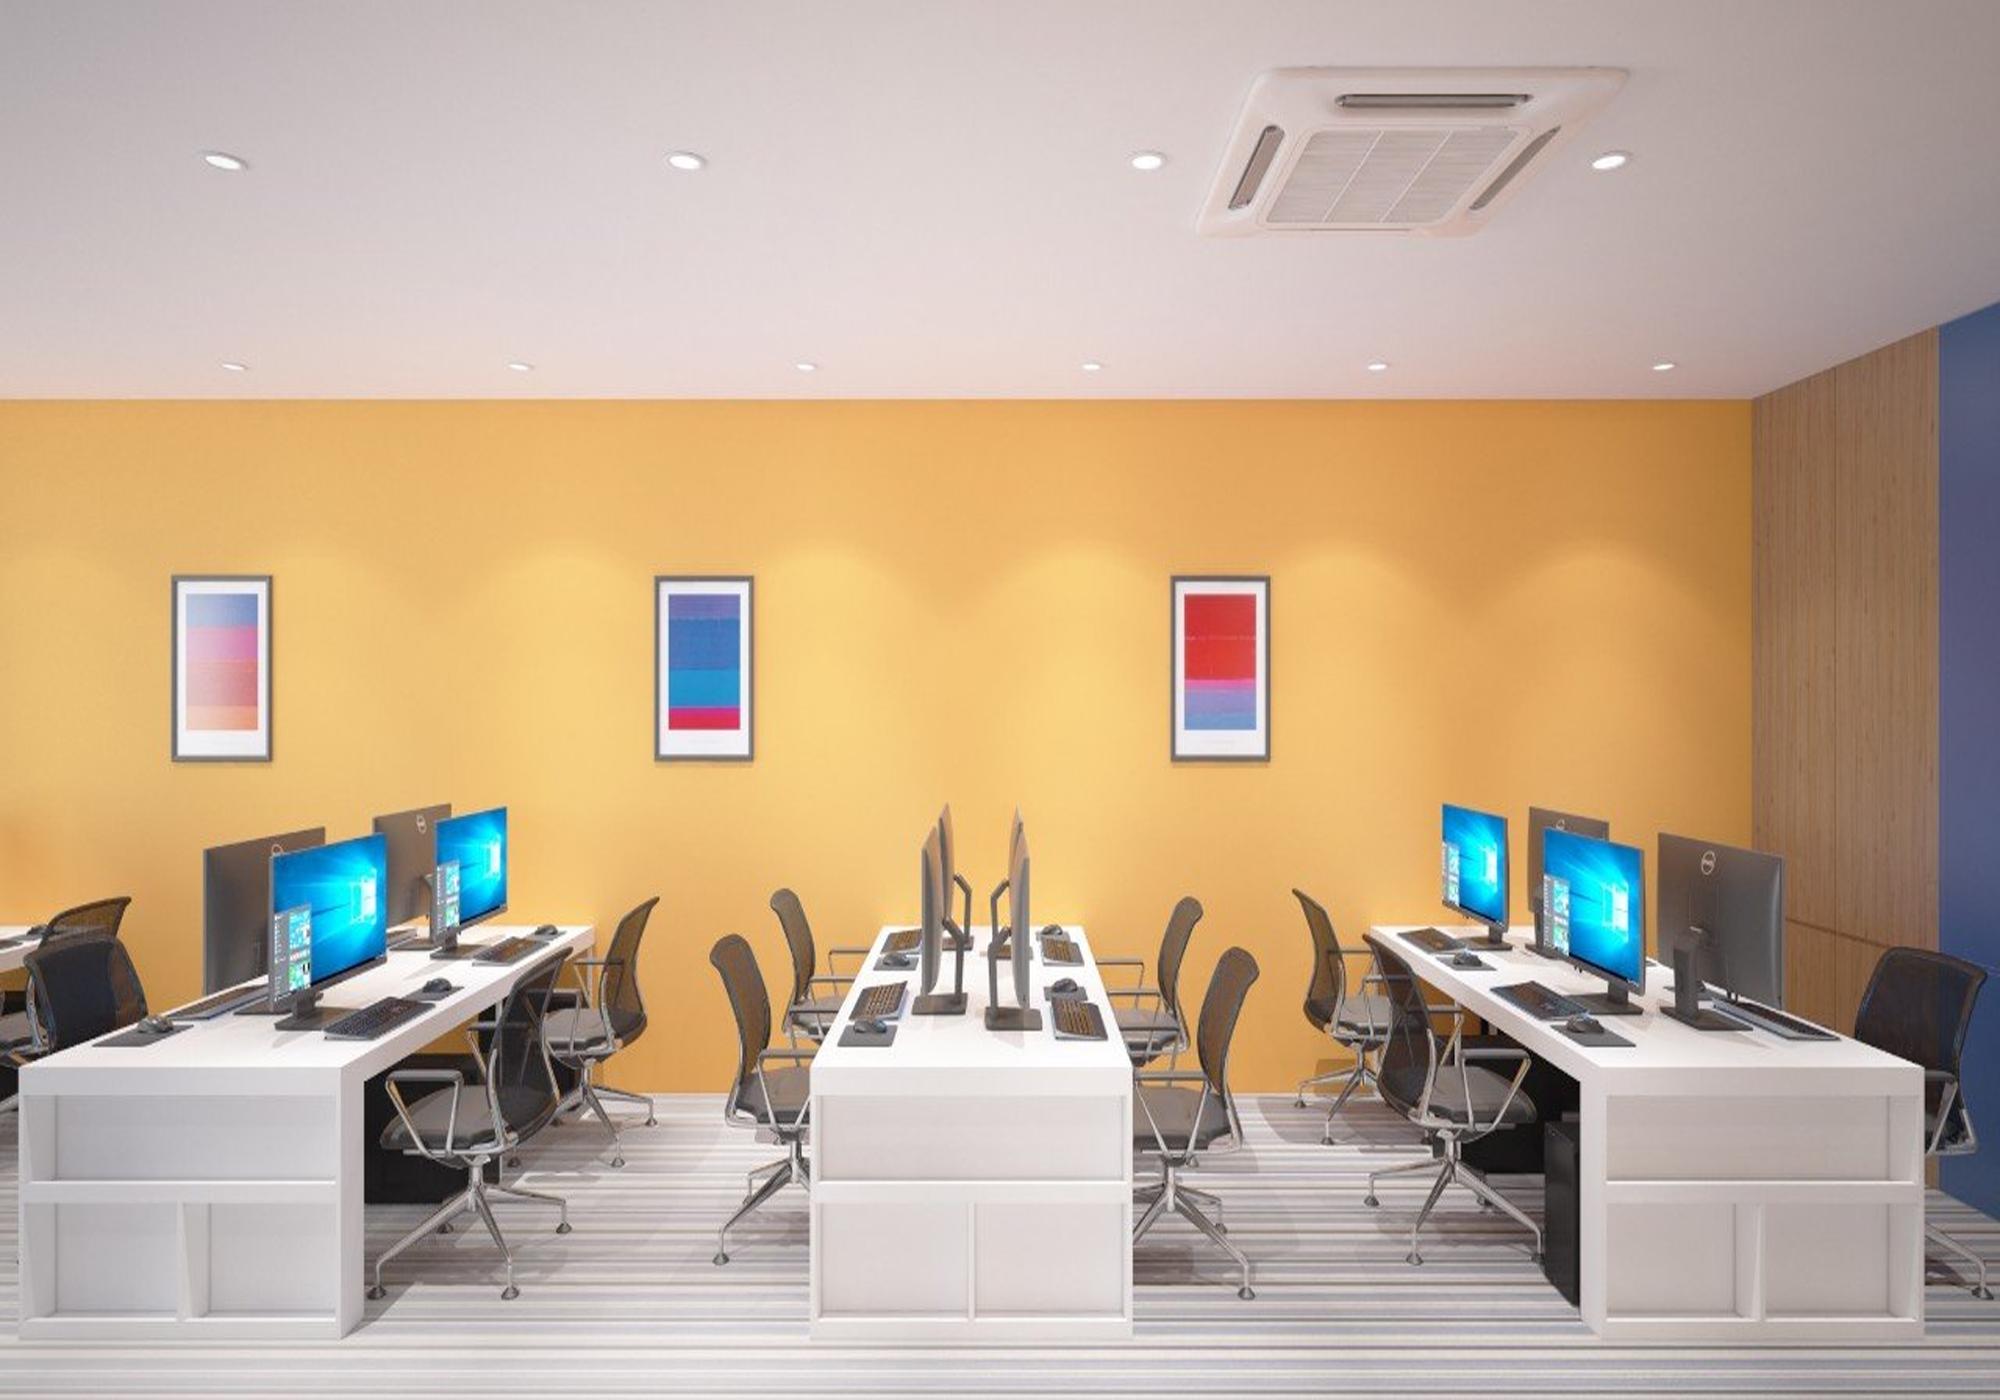 Nội Thất Văn Phòng – Thiết Kế, Thi Công Nội Thất Công Ty Sunny Media